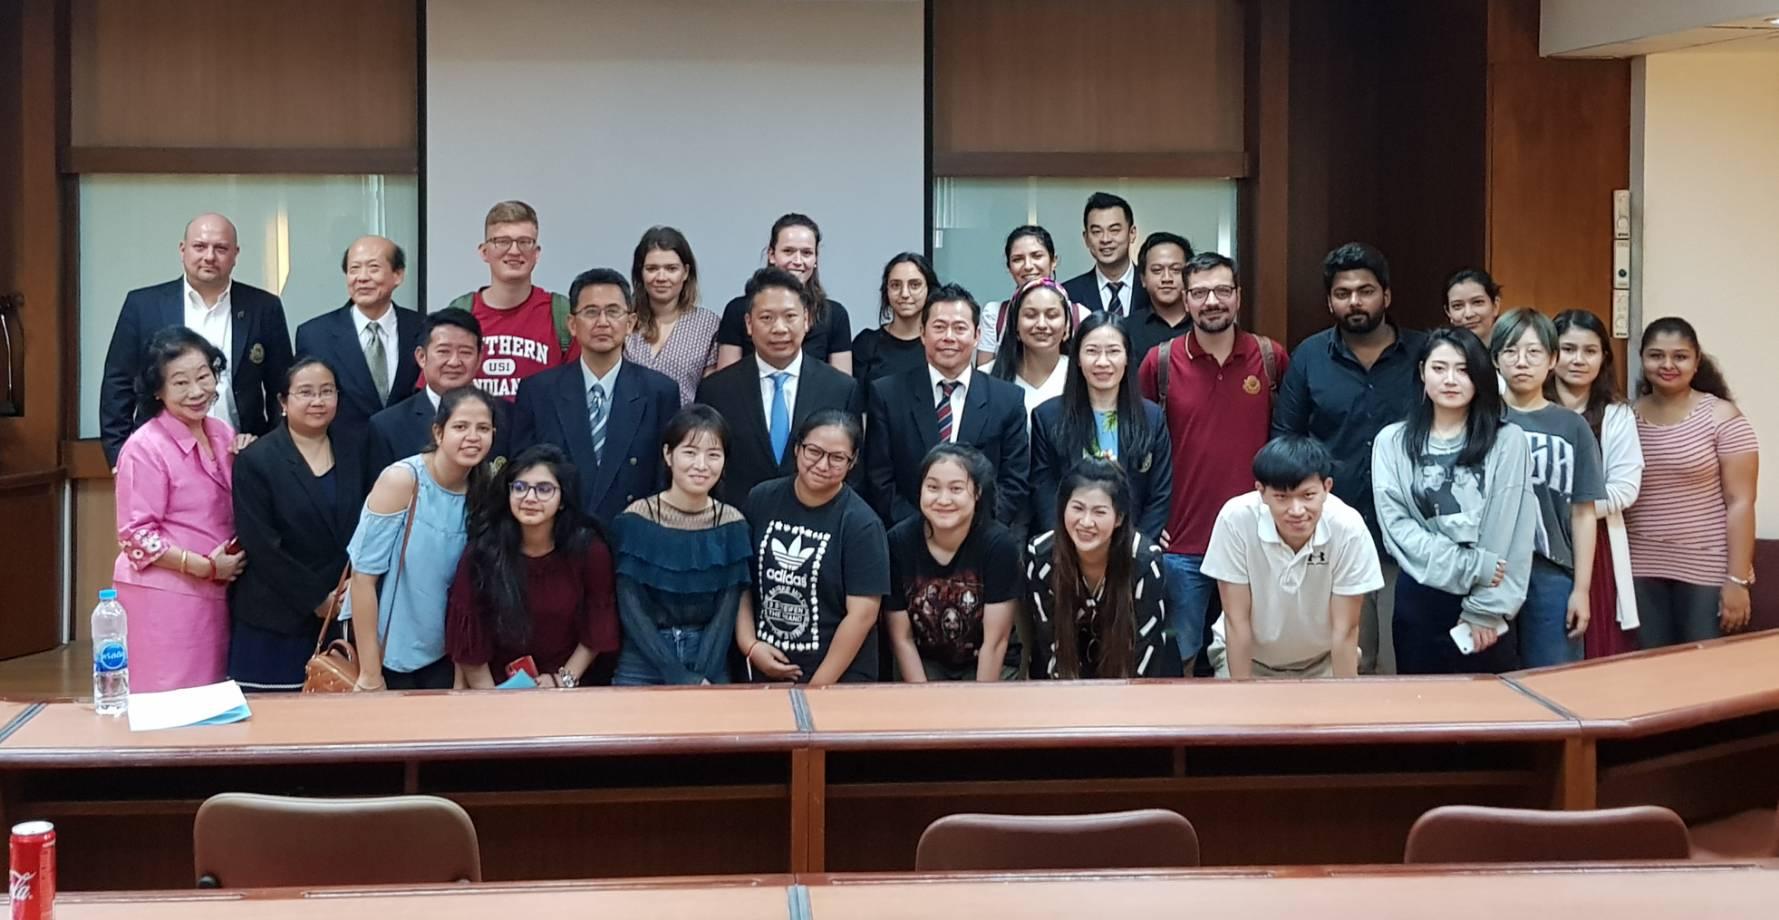 ต้อนรับนักเรียนใหม่ บริหารธุรกิจมหาบัณฑิต มหาวิทยาลัยสยาม (MBA) ภาคเรียนที่ 2/2562